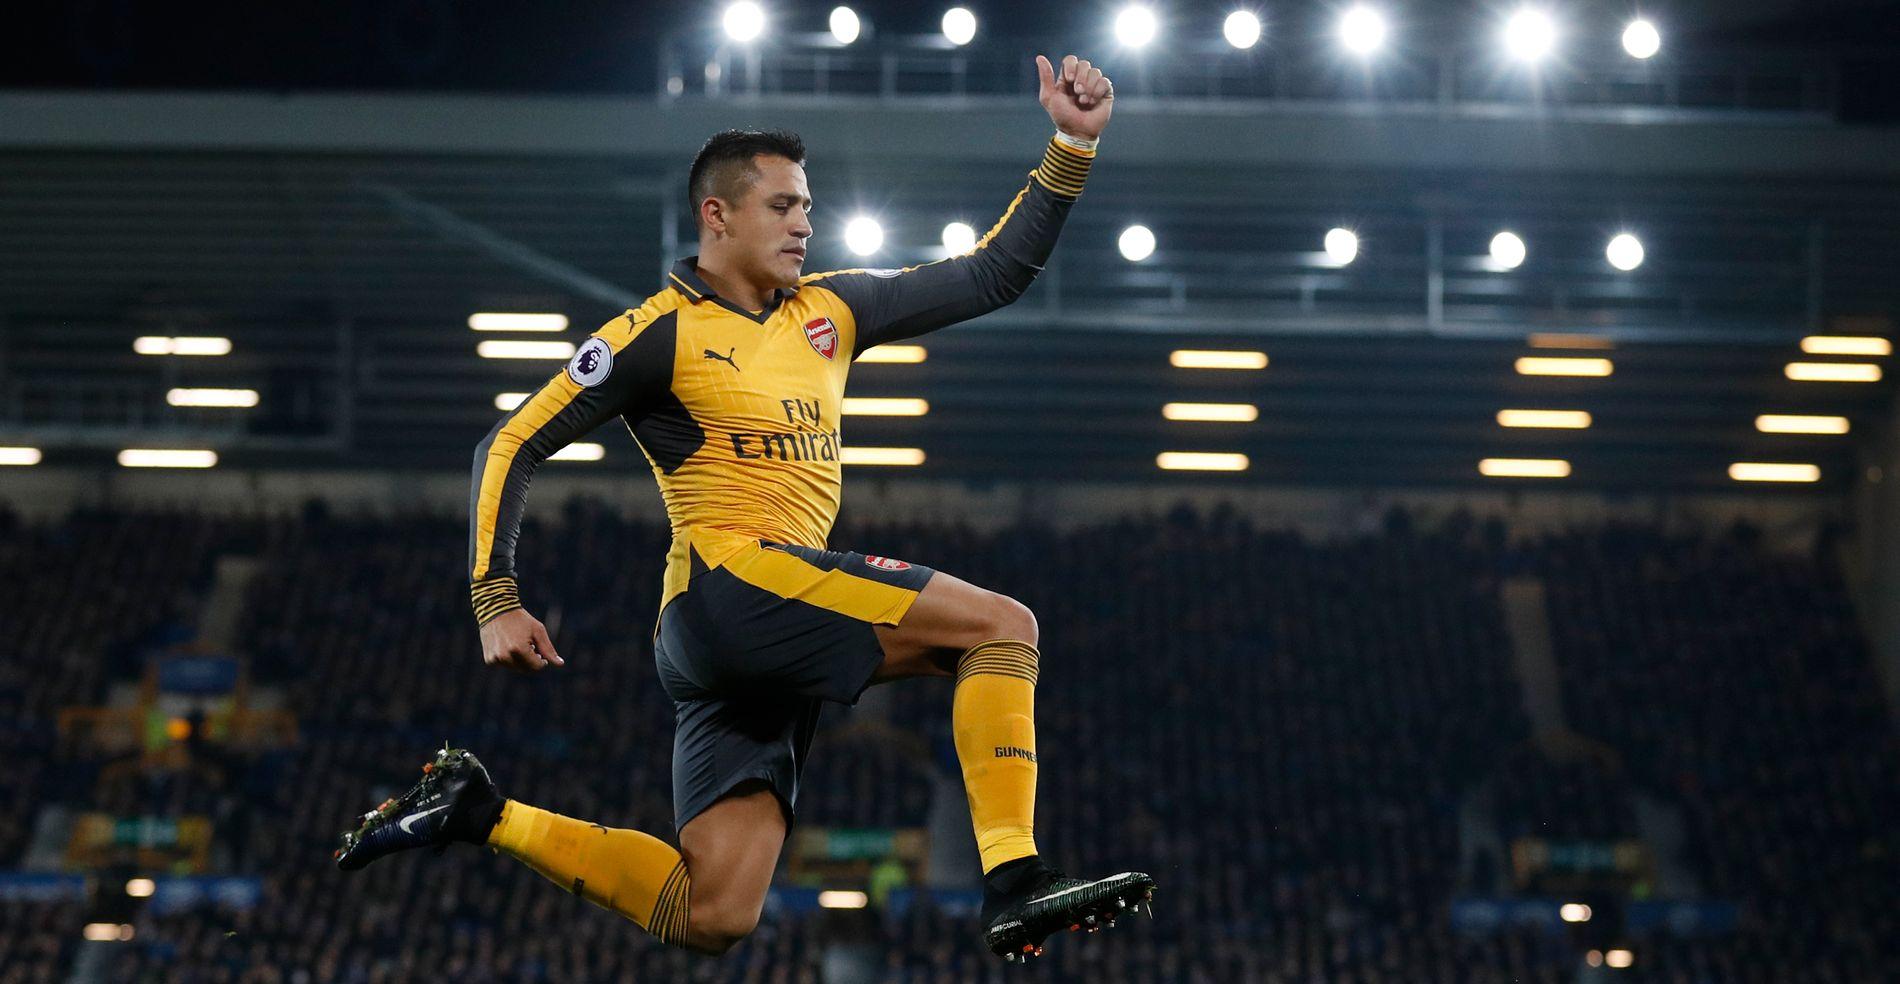 FLYR HØYT: Arsenal Alexis Sánchez har laget 12 mål denne sesongen, og er med i tetsjiktet på toppscorerlisten.